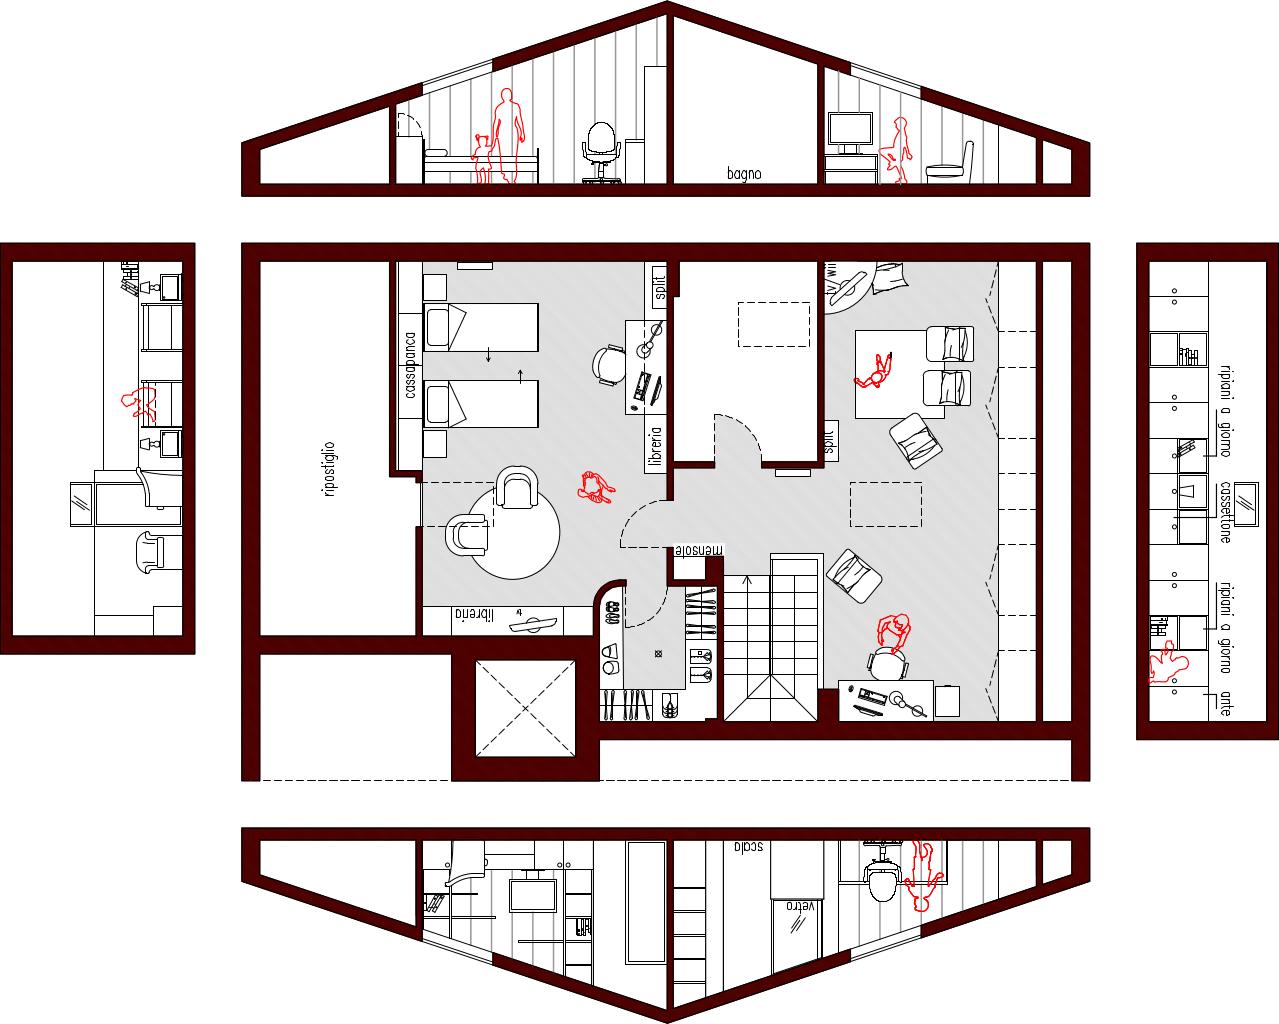 Progetto 80 mq architettura a domicilio - Planimetria casa 60 mq ...